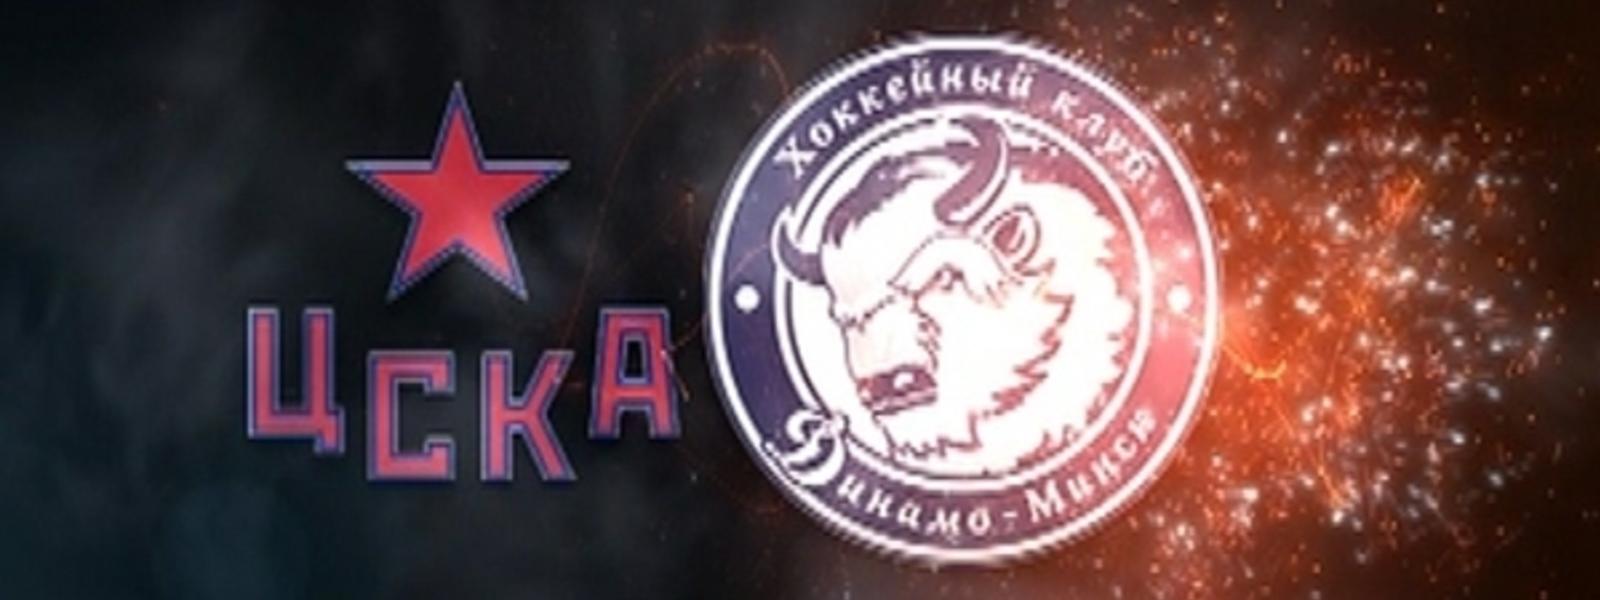 ЦСКА — Динамо Минск 13 января, хоккейный матч